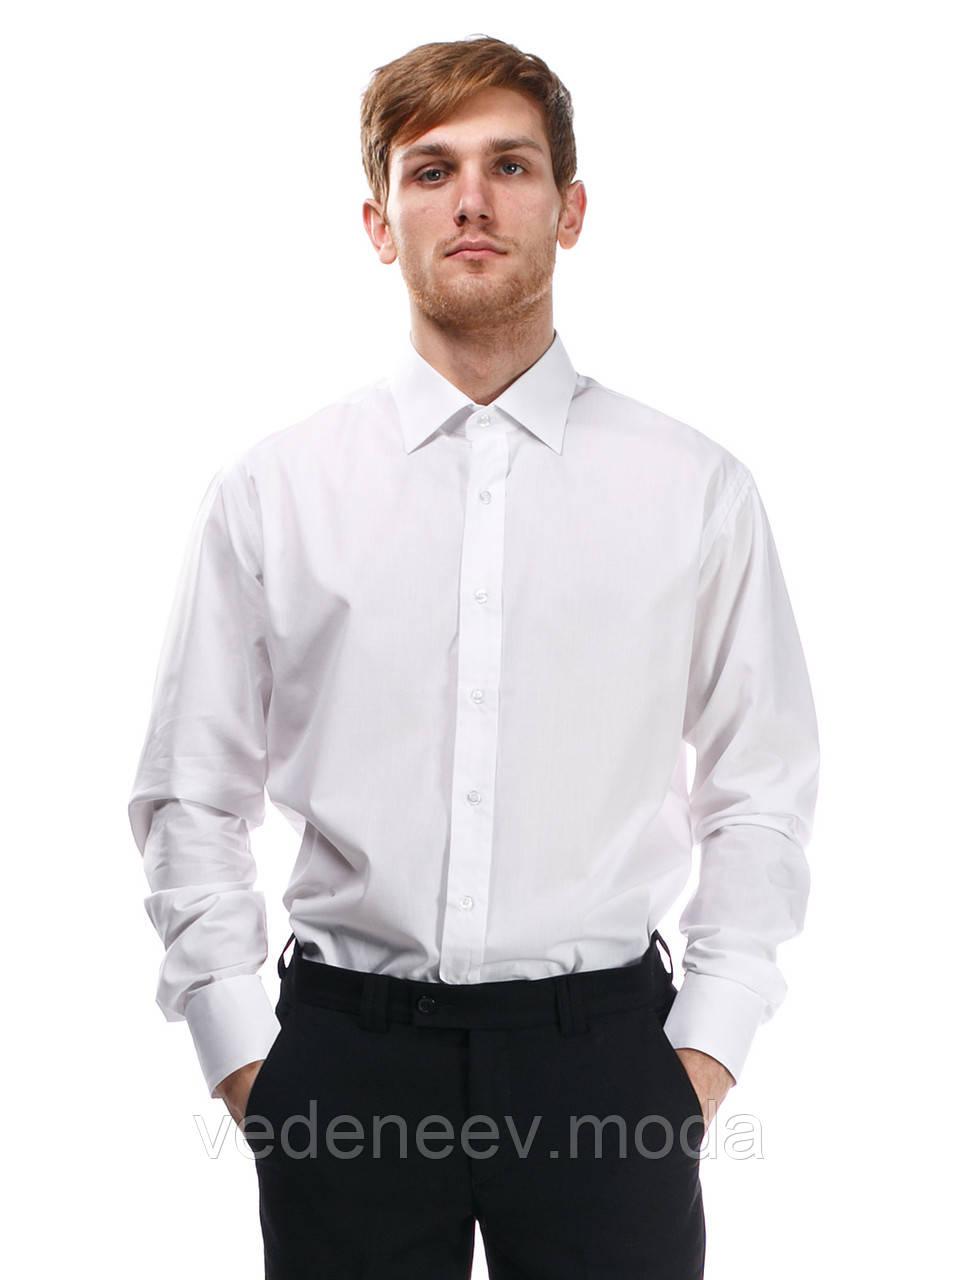 Мужская рубашка белая